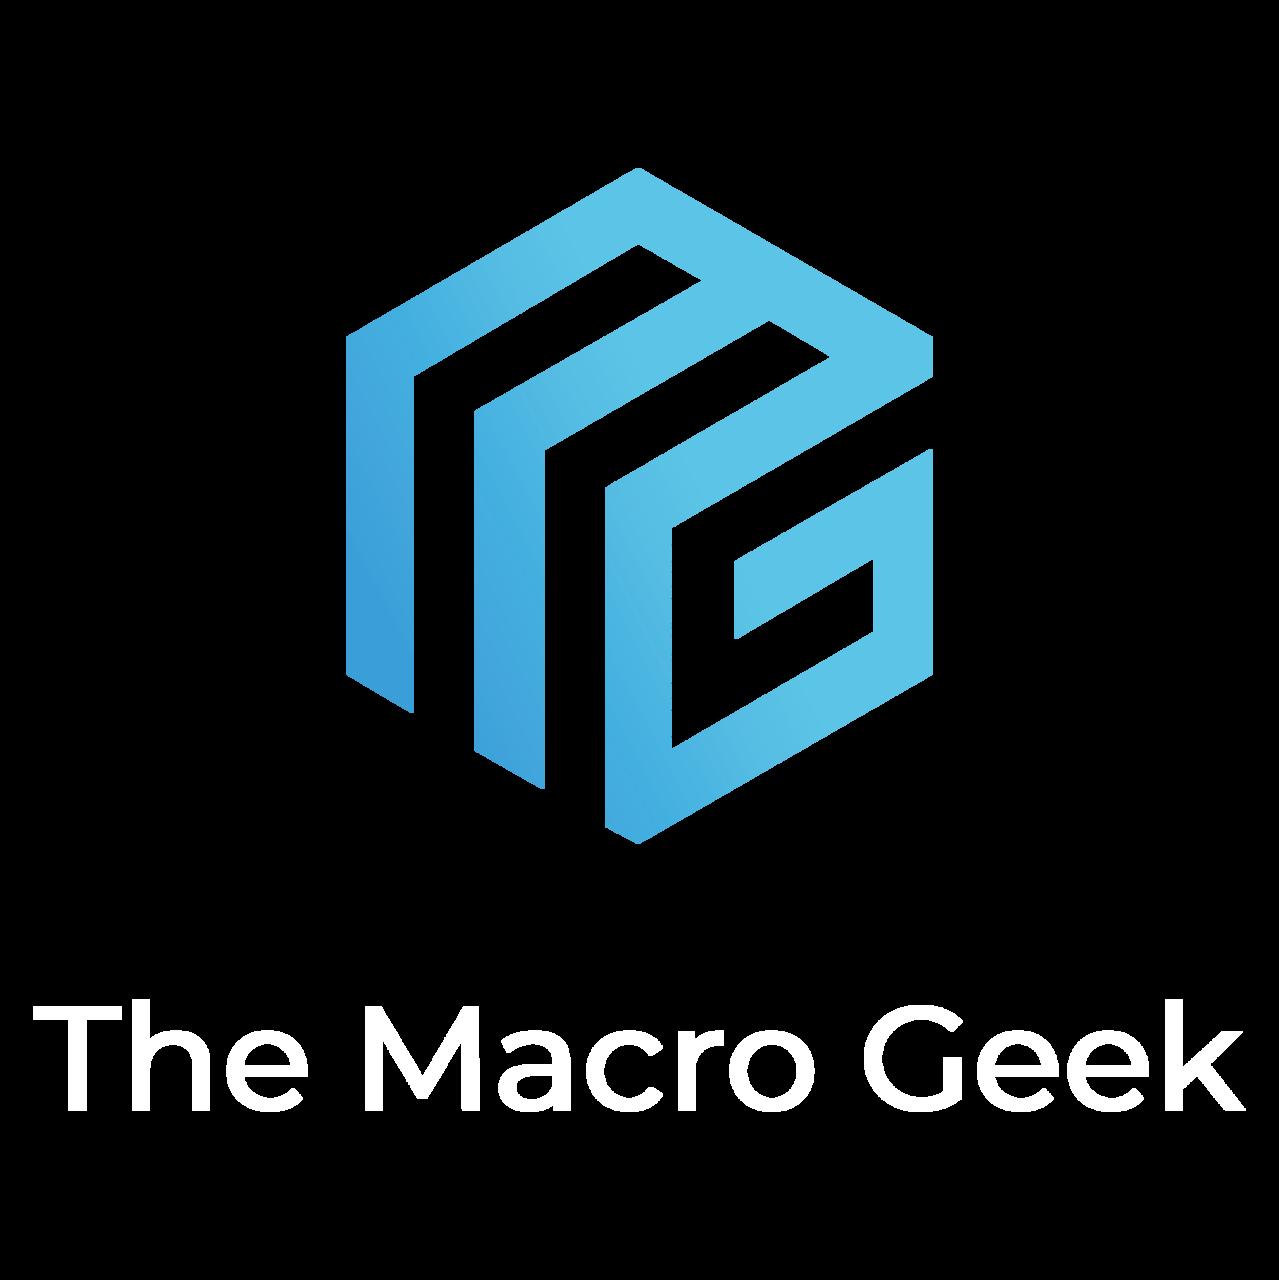 The Macro Geek